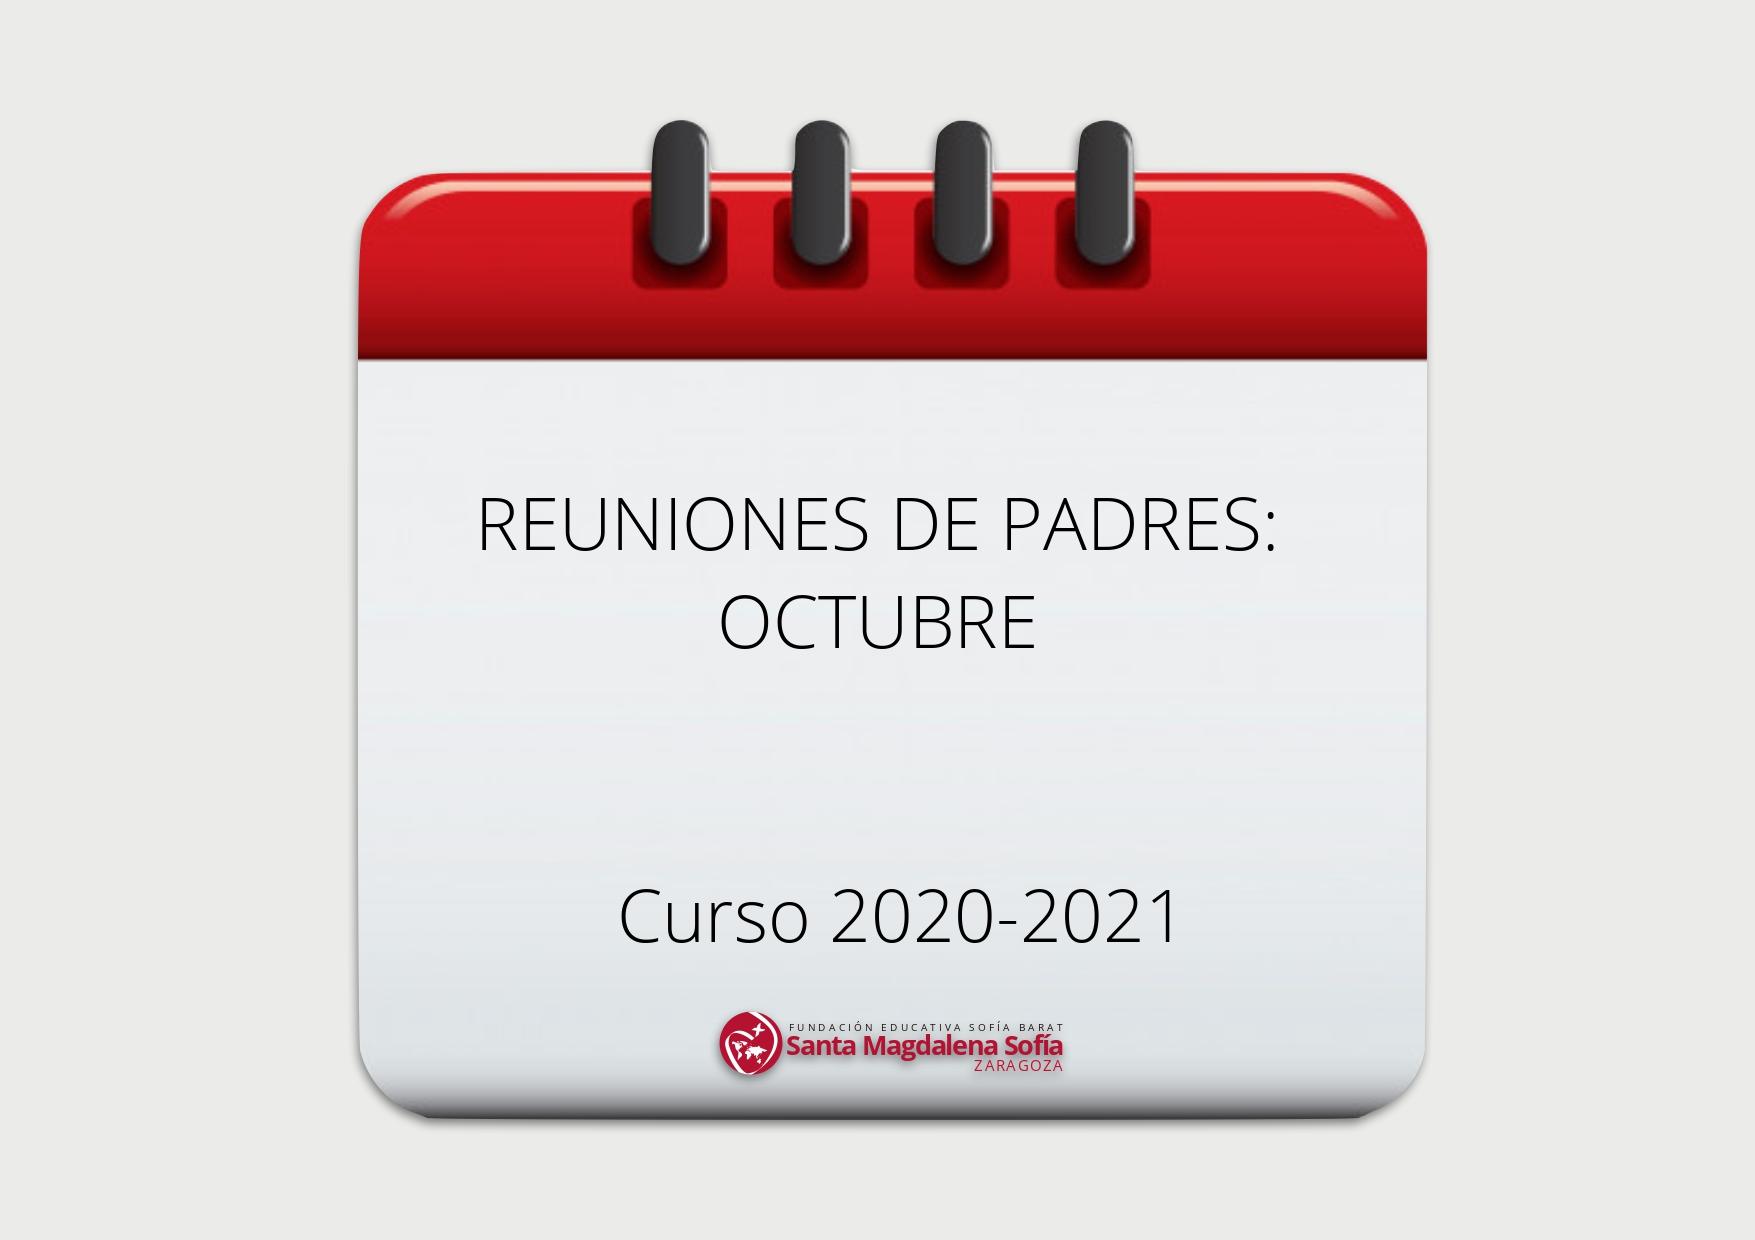 REUNIONES DE PADRES